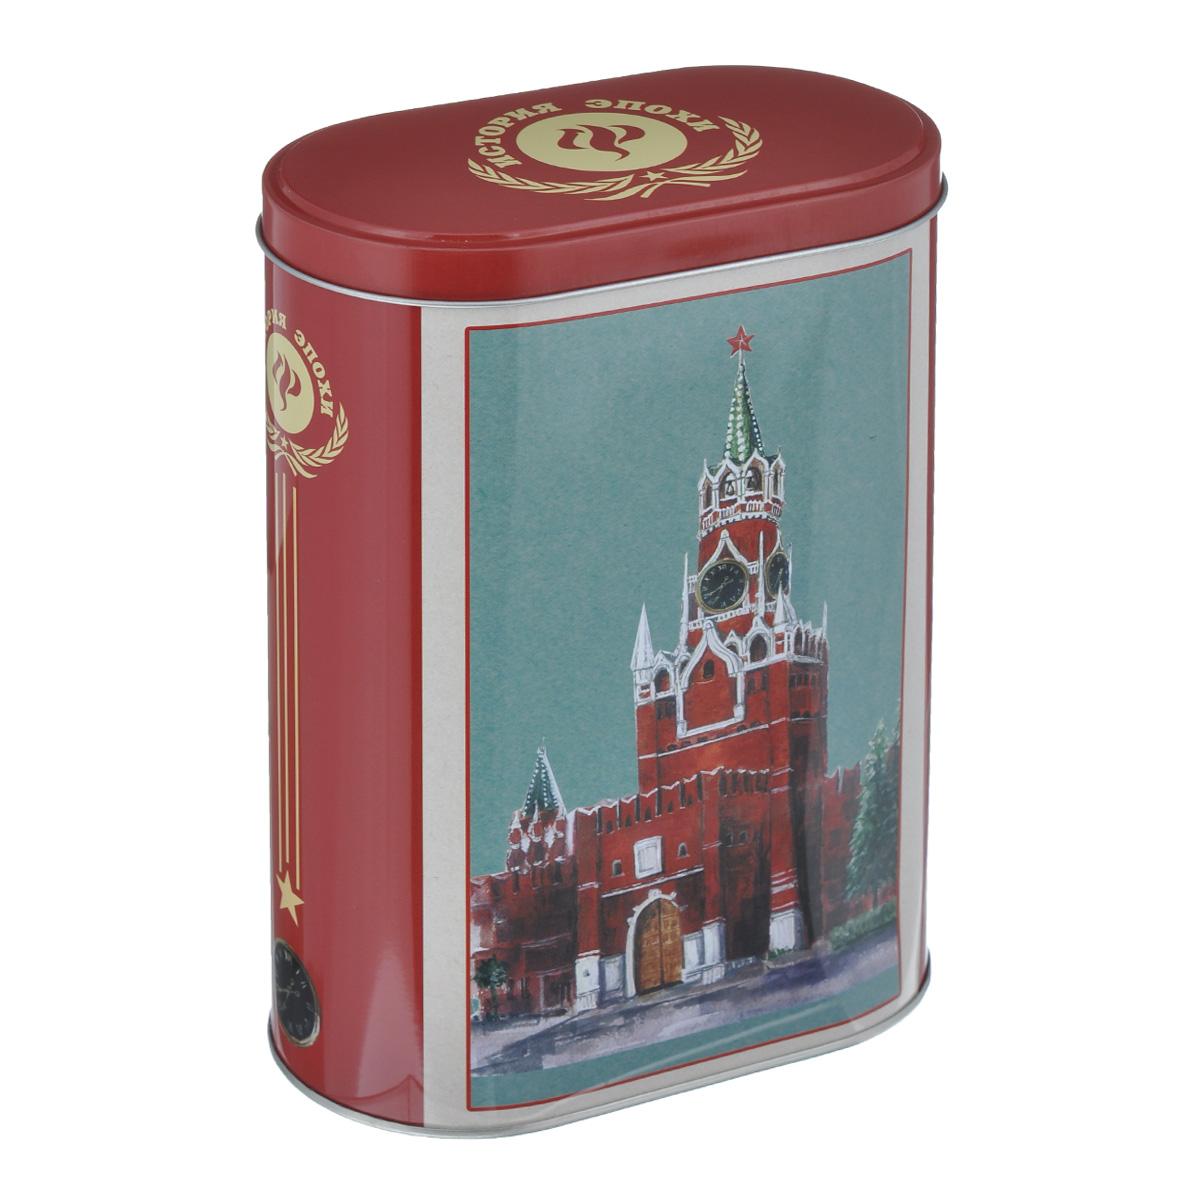 Банка для сыпучих продуктов Феникс-презент Кремль, 1,5 л37653Банка для сыпучих продуктов Феникс-презент Кремль, изготовленная из металла, декорирована изображением Московского Кремля. Банка оснащена плотно закрывающейся крышкой с откидным механизмом. Благодаря этому внутри сохраняется герметичность, и продукты дольше остаются свежими. Изделие предназначено для хранения различных сыпучих продуктов: круп, чая, сахара, орехов и многого другого. Функциональная и вместительная, такая банка станет незаменимым аксессуаром на любой кухне. Нельзя мыть в посудомоечной машине. Объем: 1,5 л.Размер (по верхнему краю): 13,5 см х 7,5 см.Высота банки (без учета крышки): 19 см.